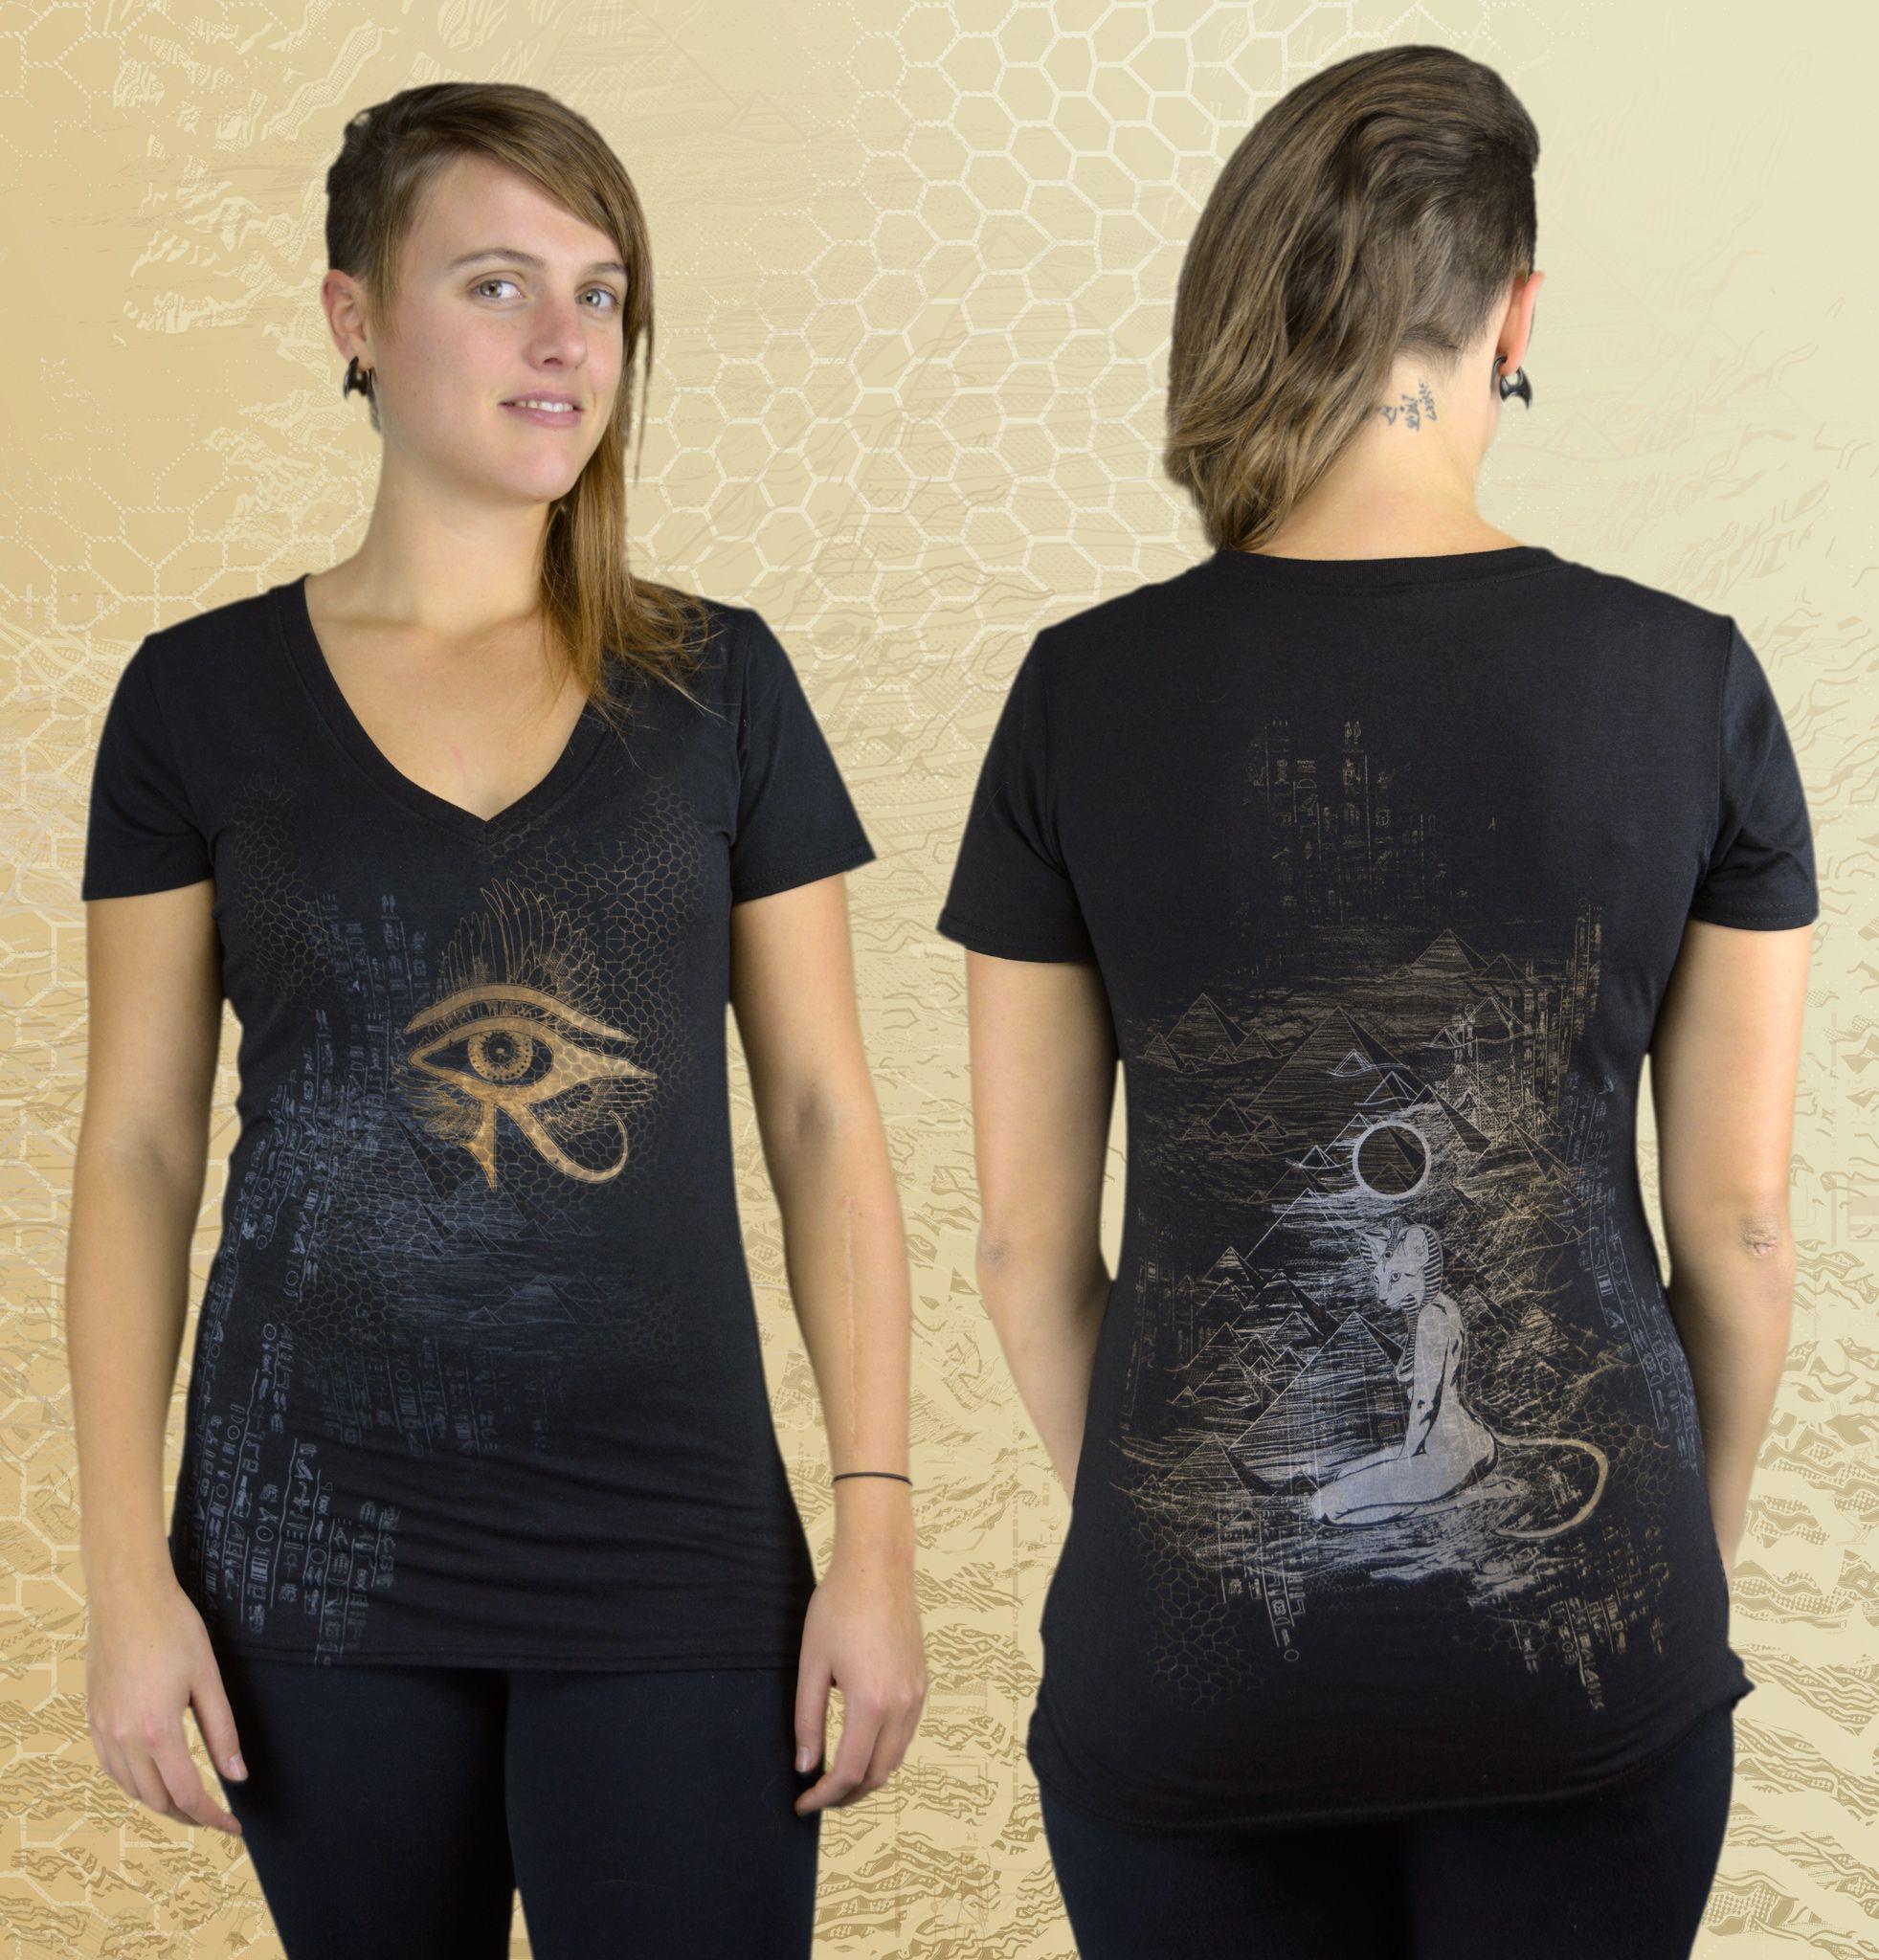 """""""Bastet"""" Bamboo T-shirt by Inkspoon.  Eye of Ra, Eye of Horus, Egyptian Mythology, Bastet Goddess, Pyramids."""